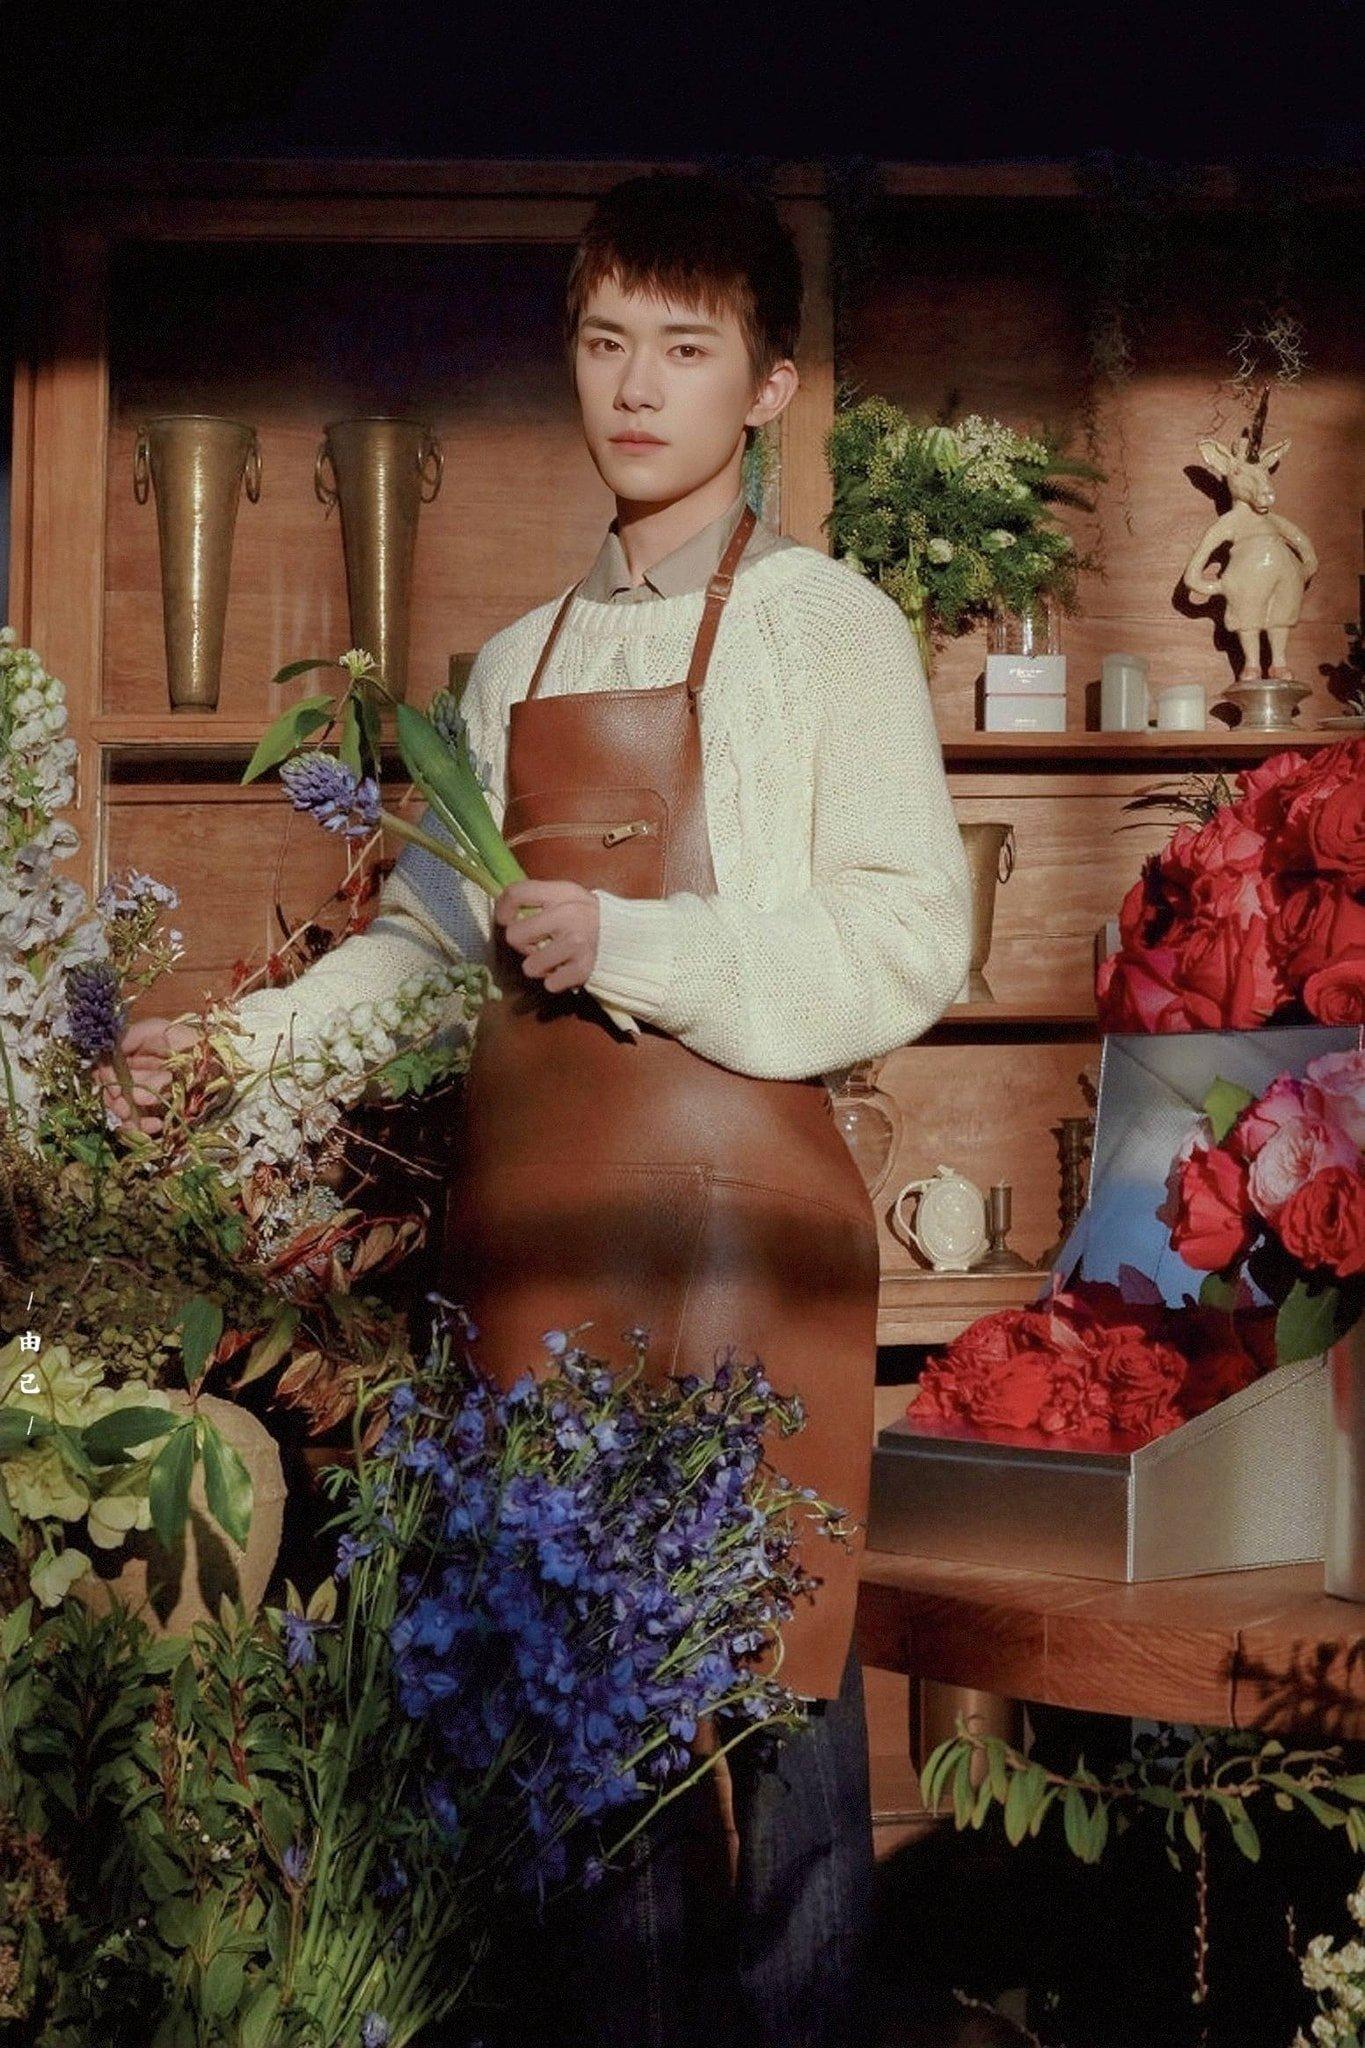 12 trai đẹp Cbiz cầm hoa tỏ tình, chàng trai nào khiến bạn gật đầu nguyện ý? 8